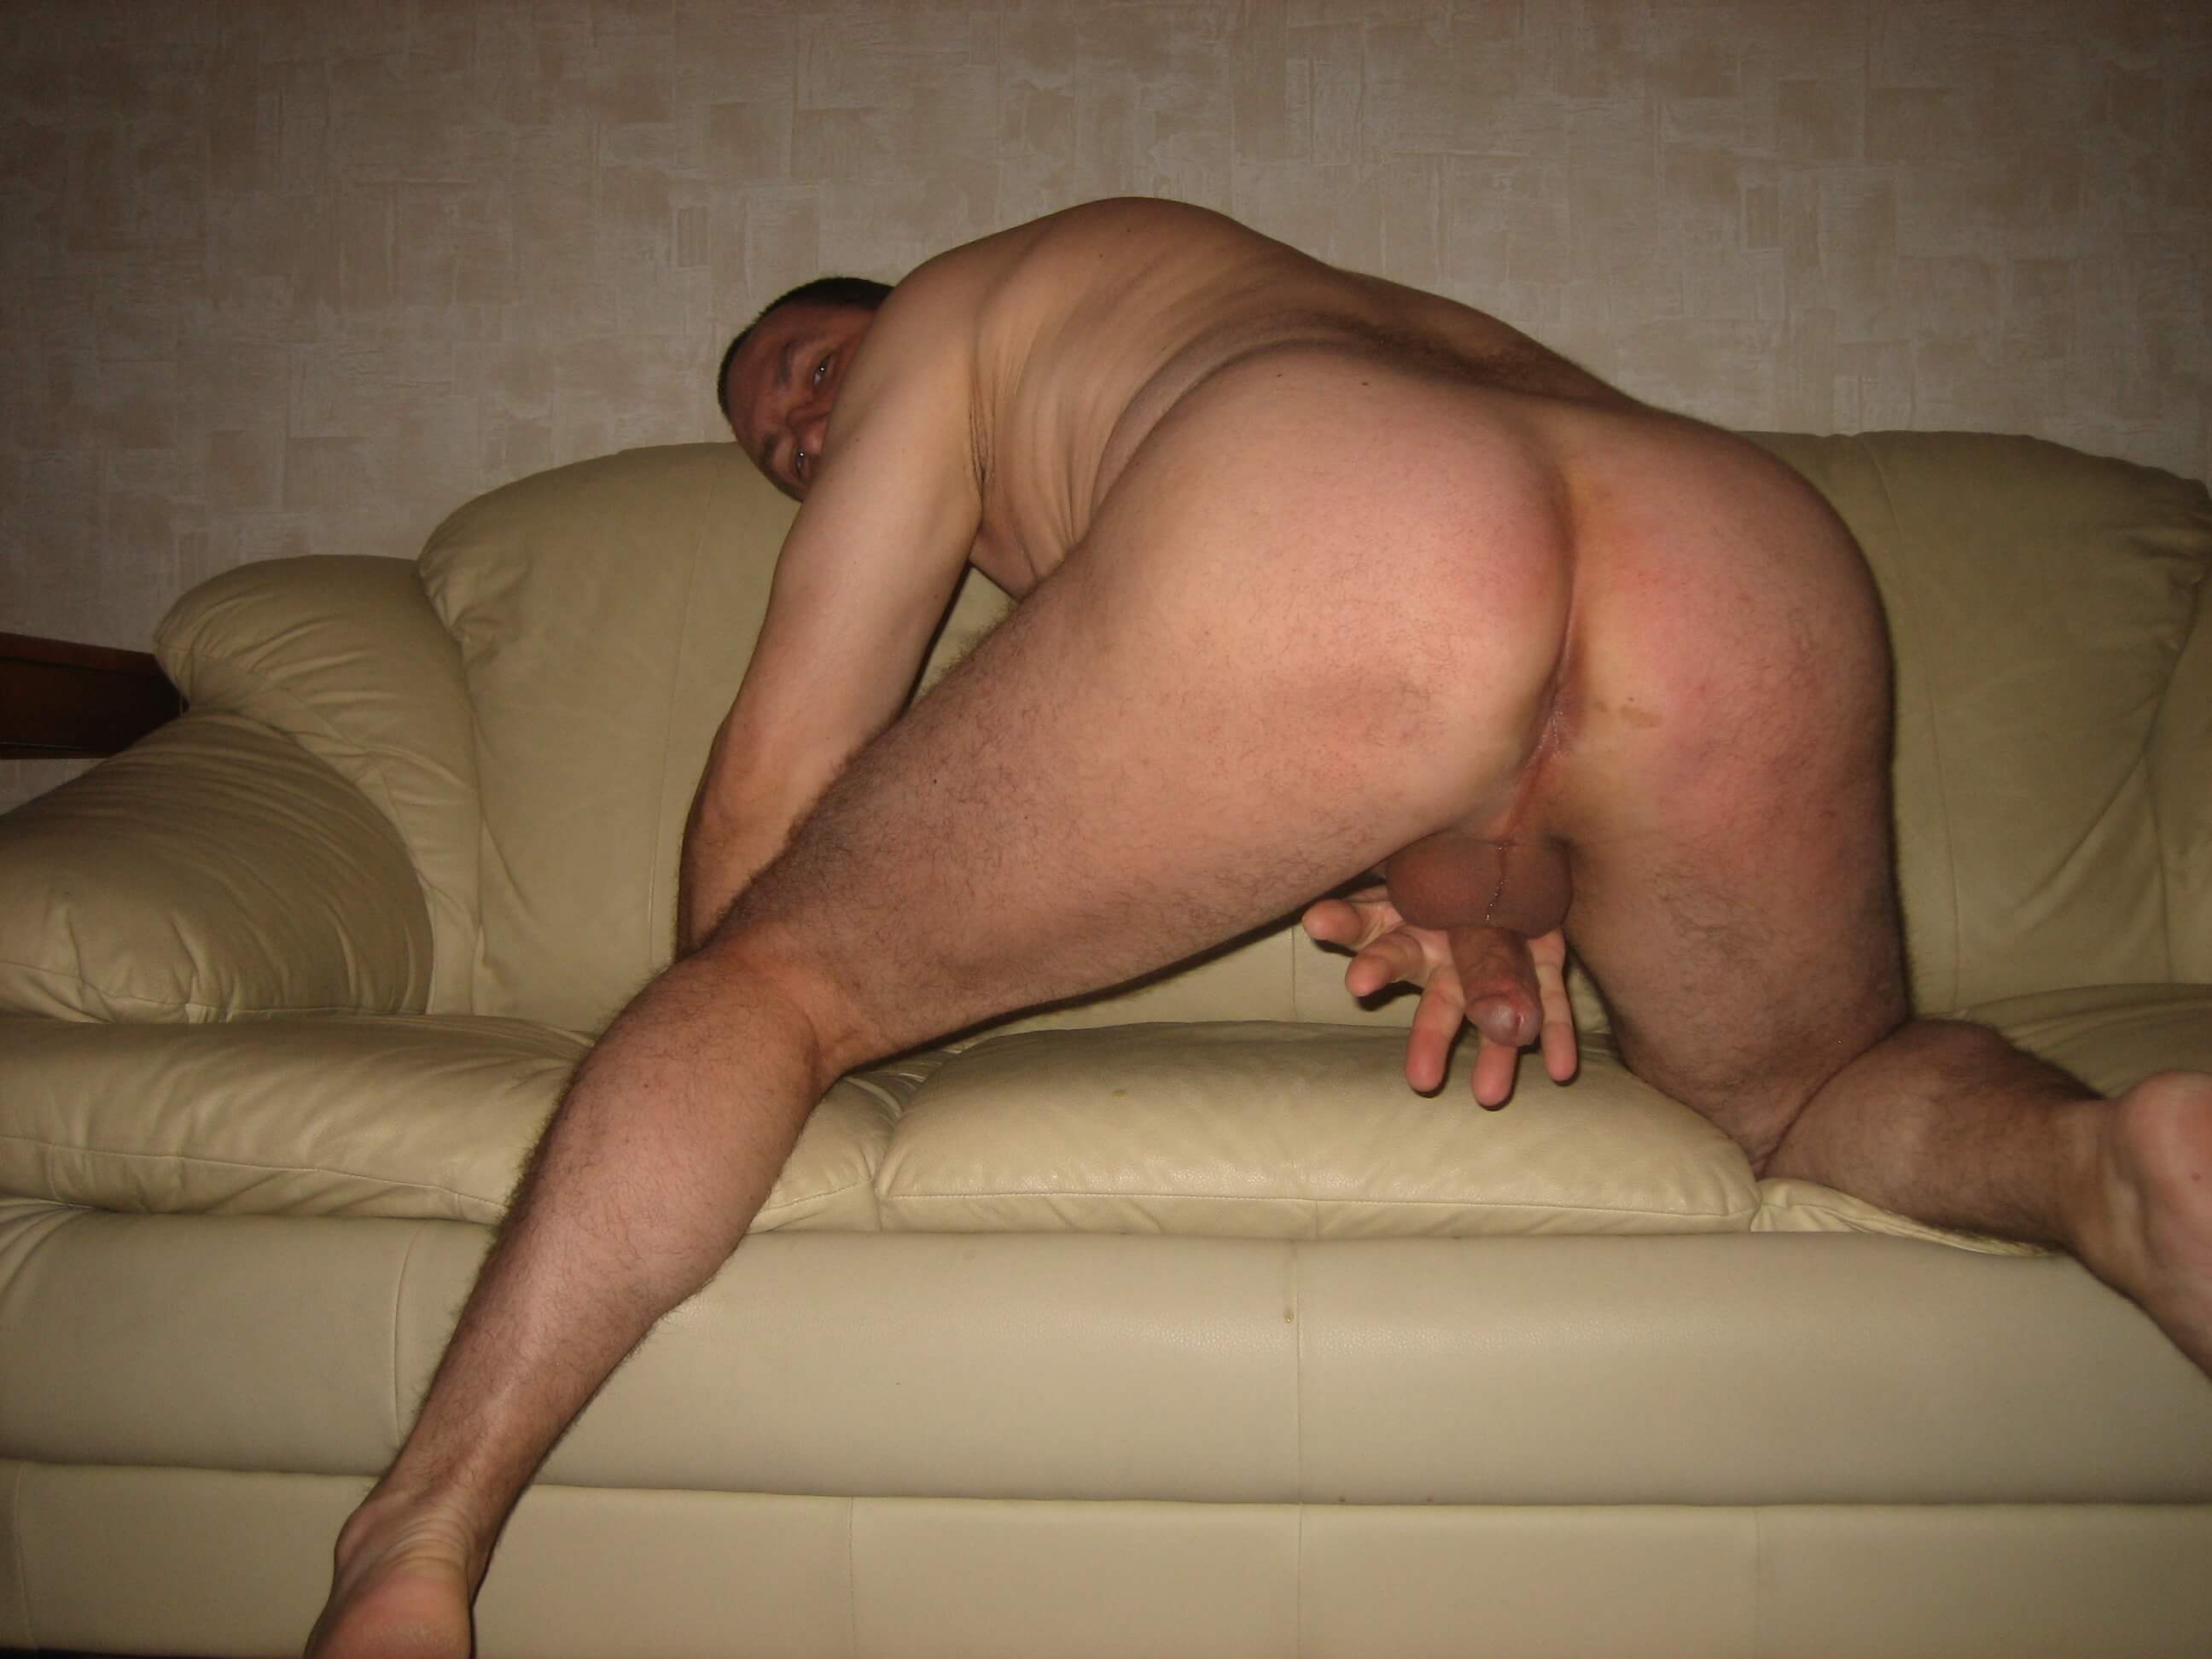 http://dating.rs/slike/1576/016.jpg